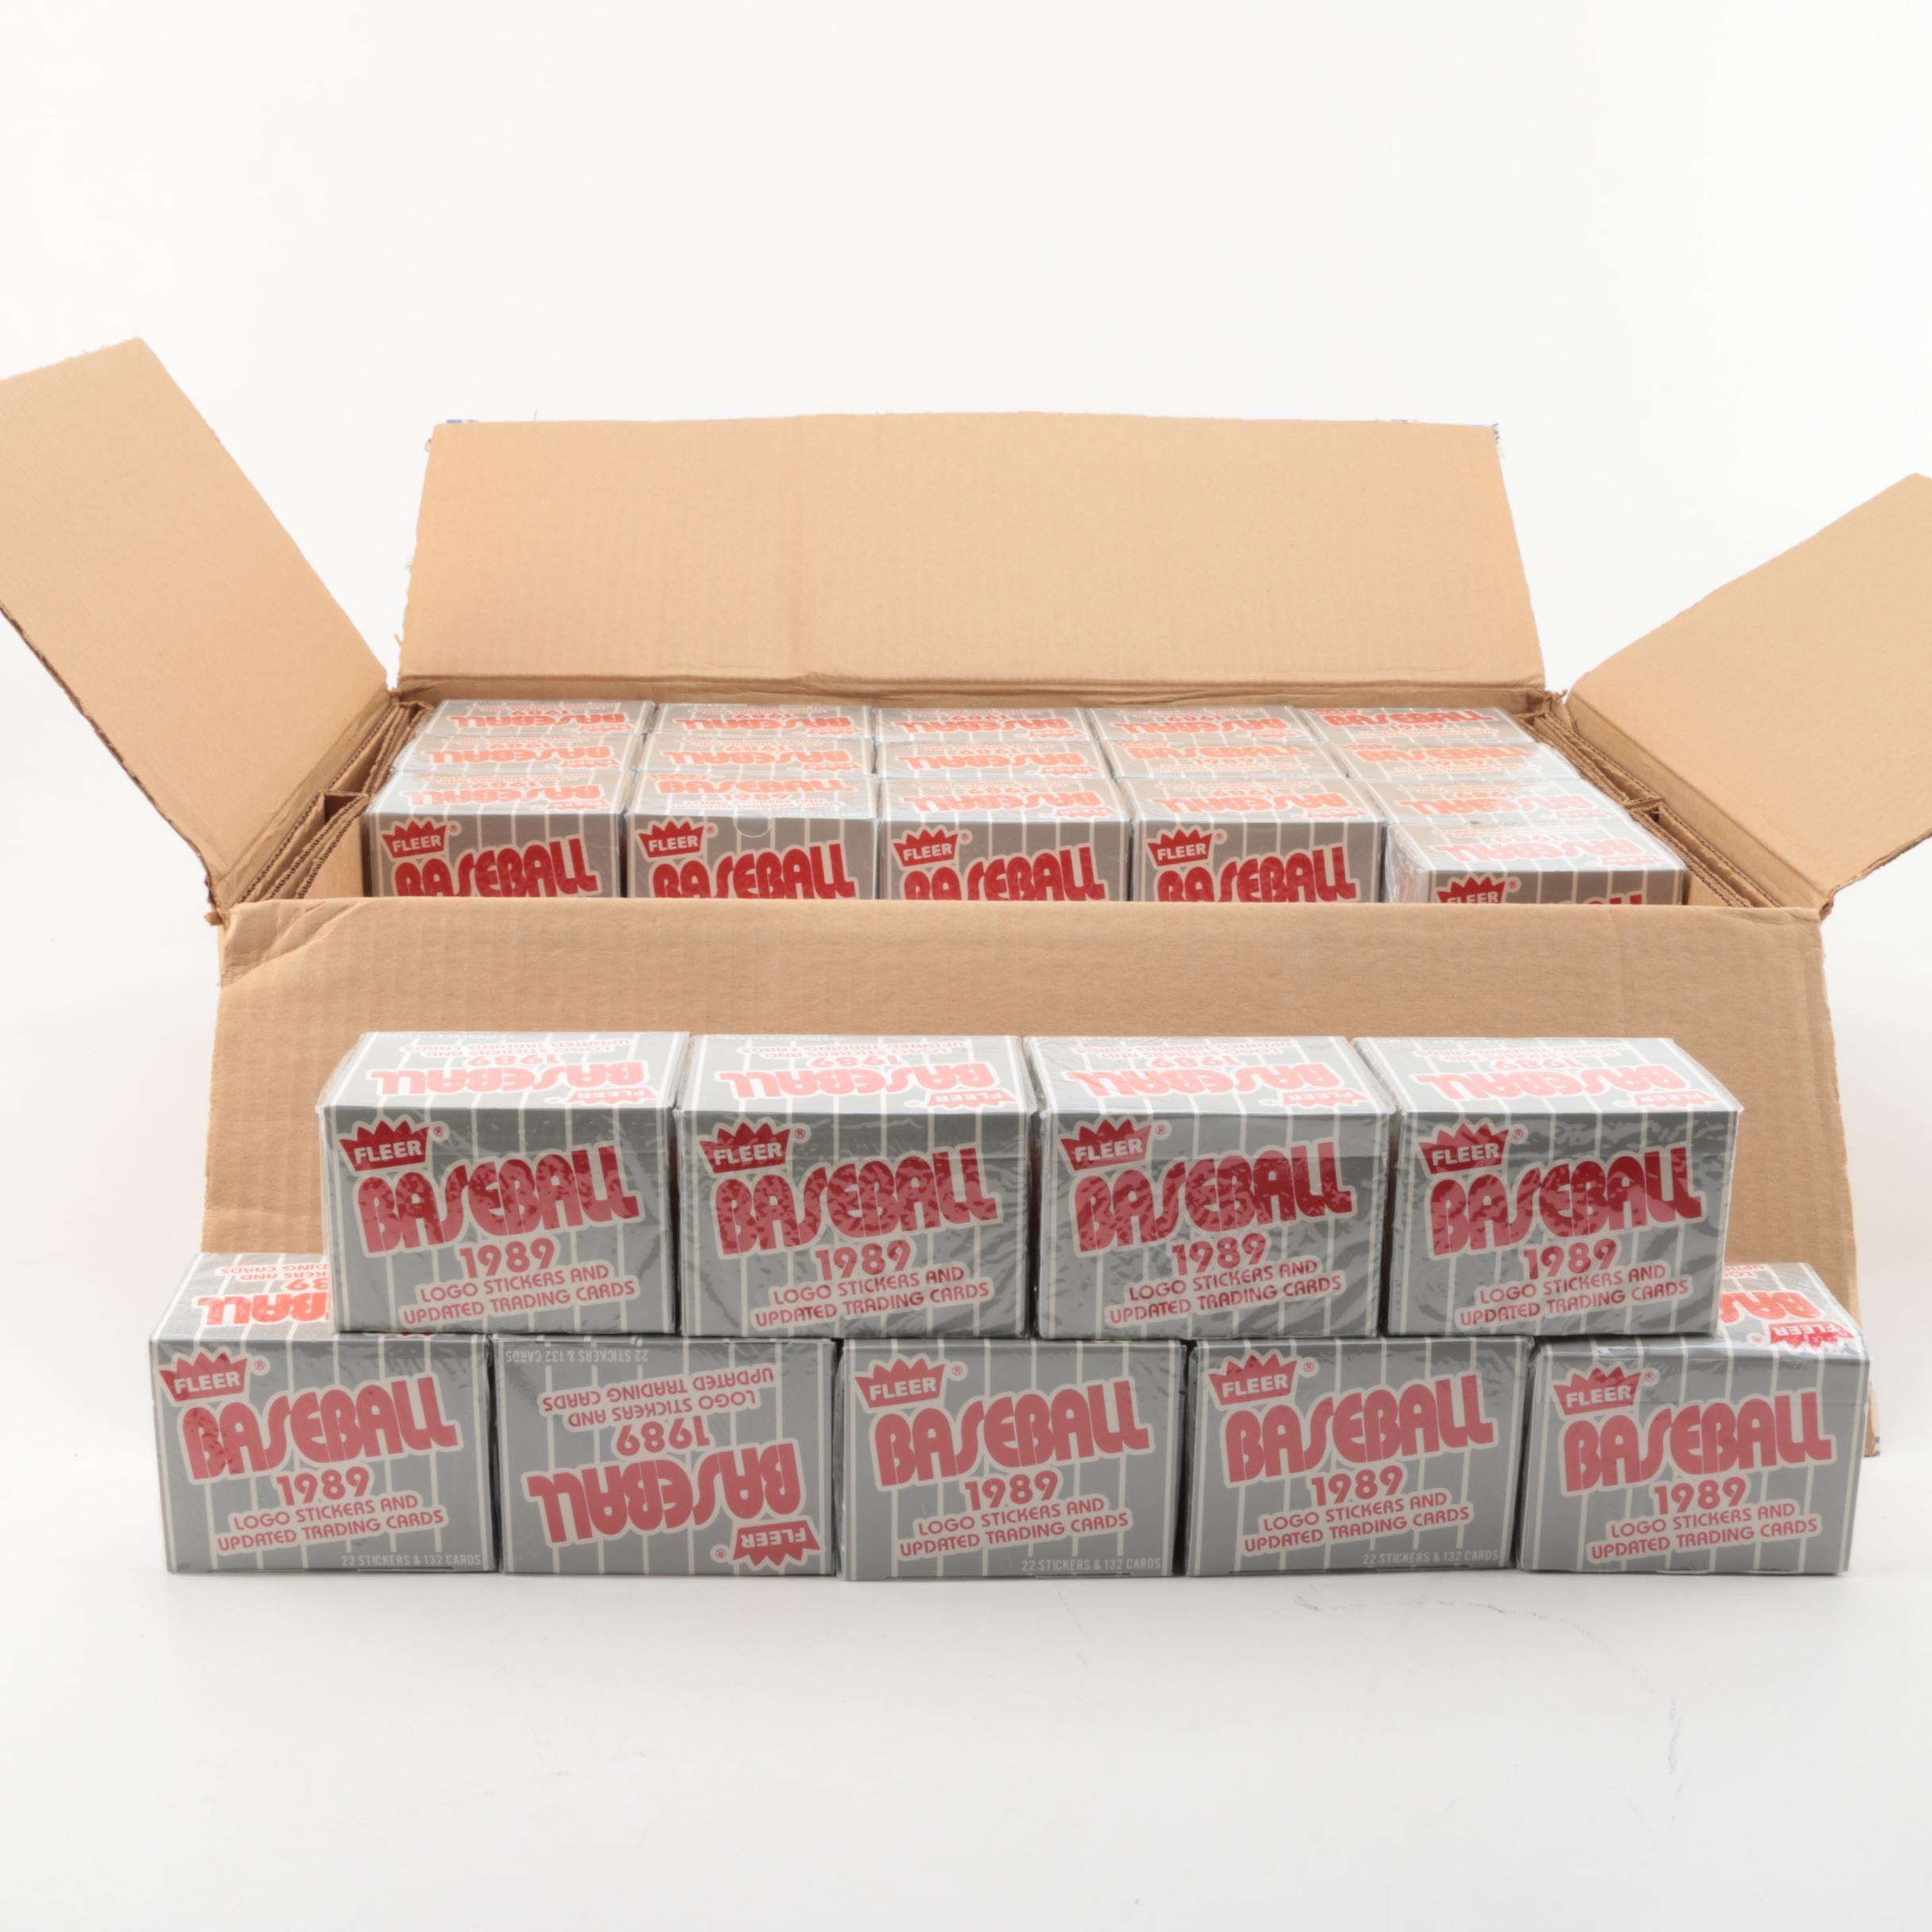 1989 Fleer Baseball Trading Cards